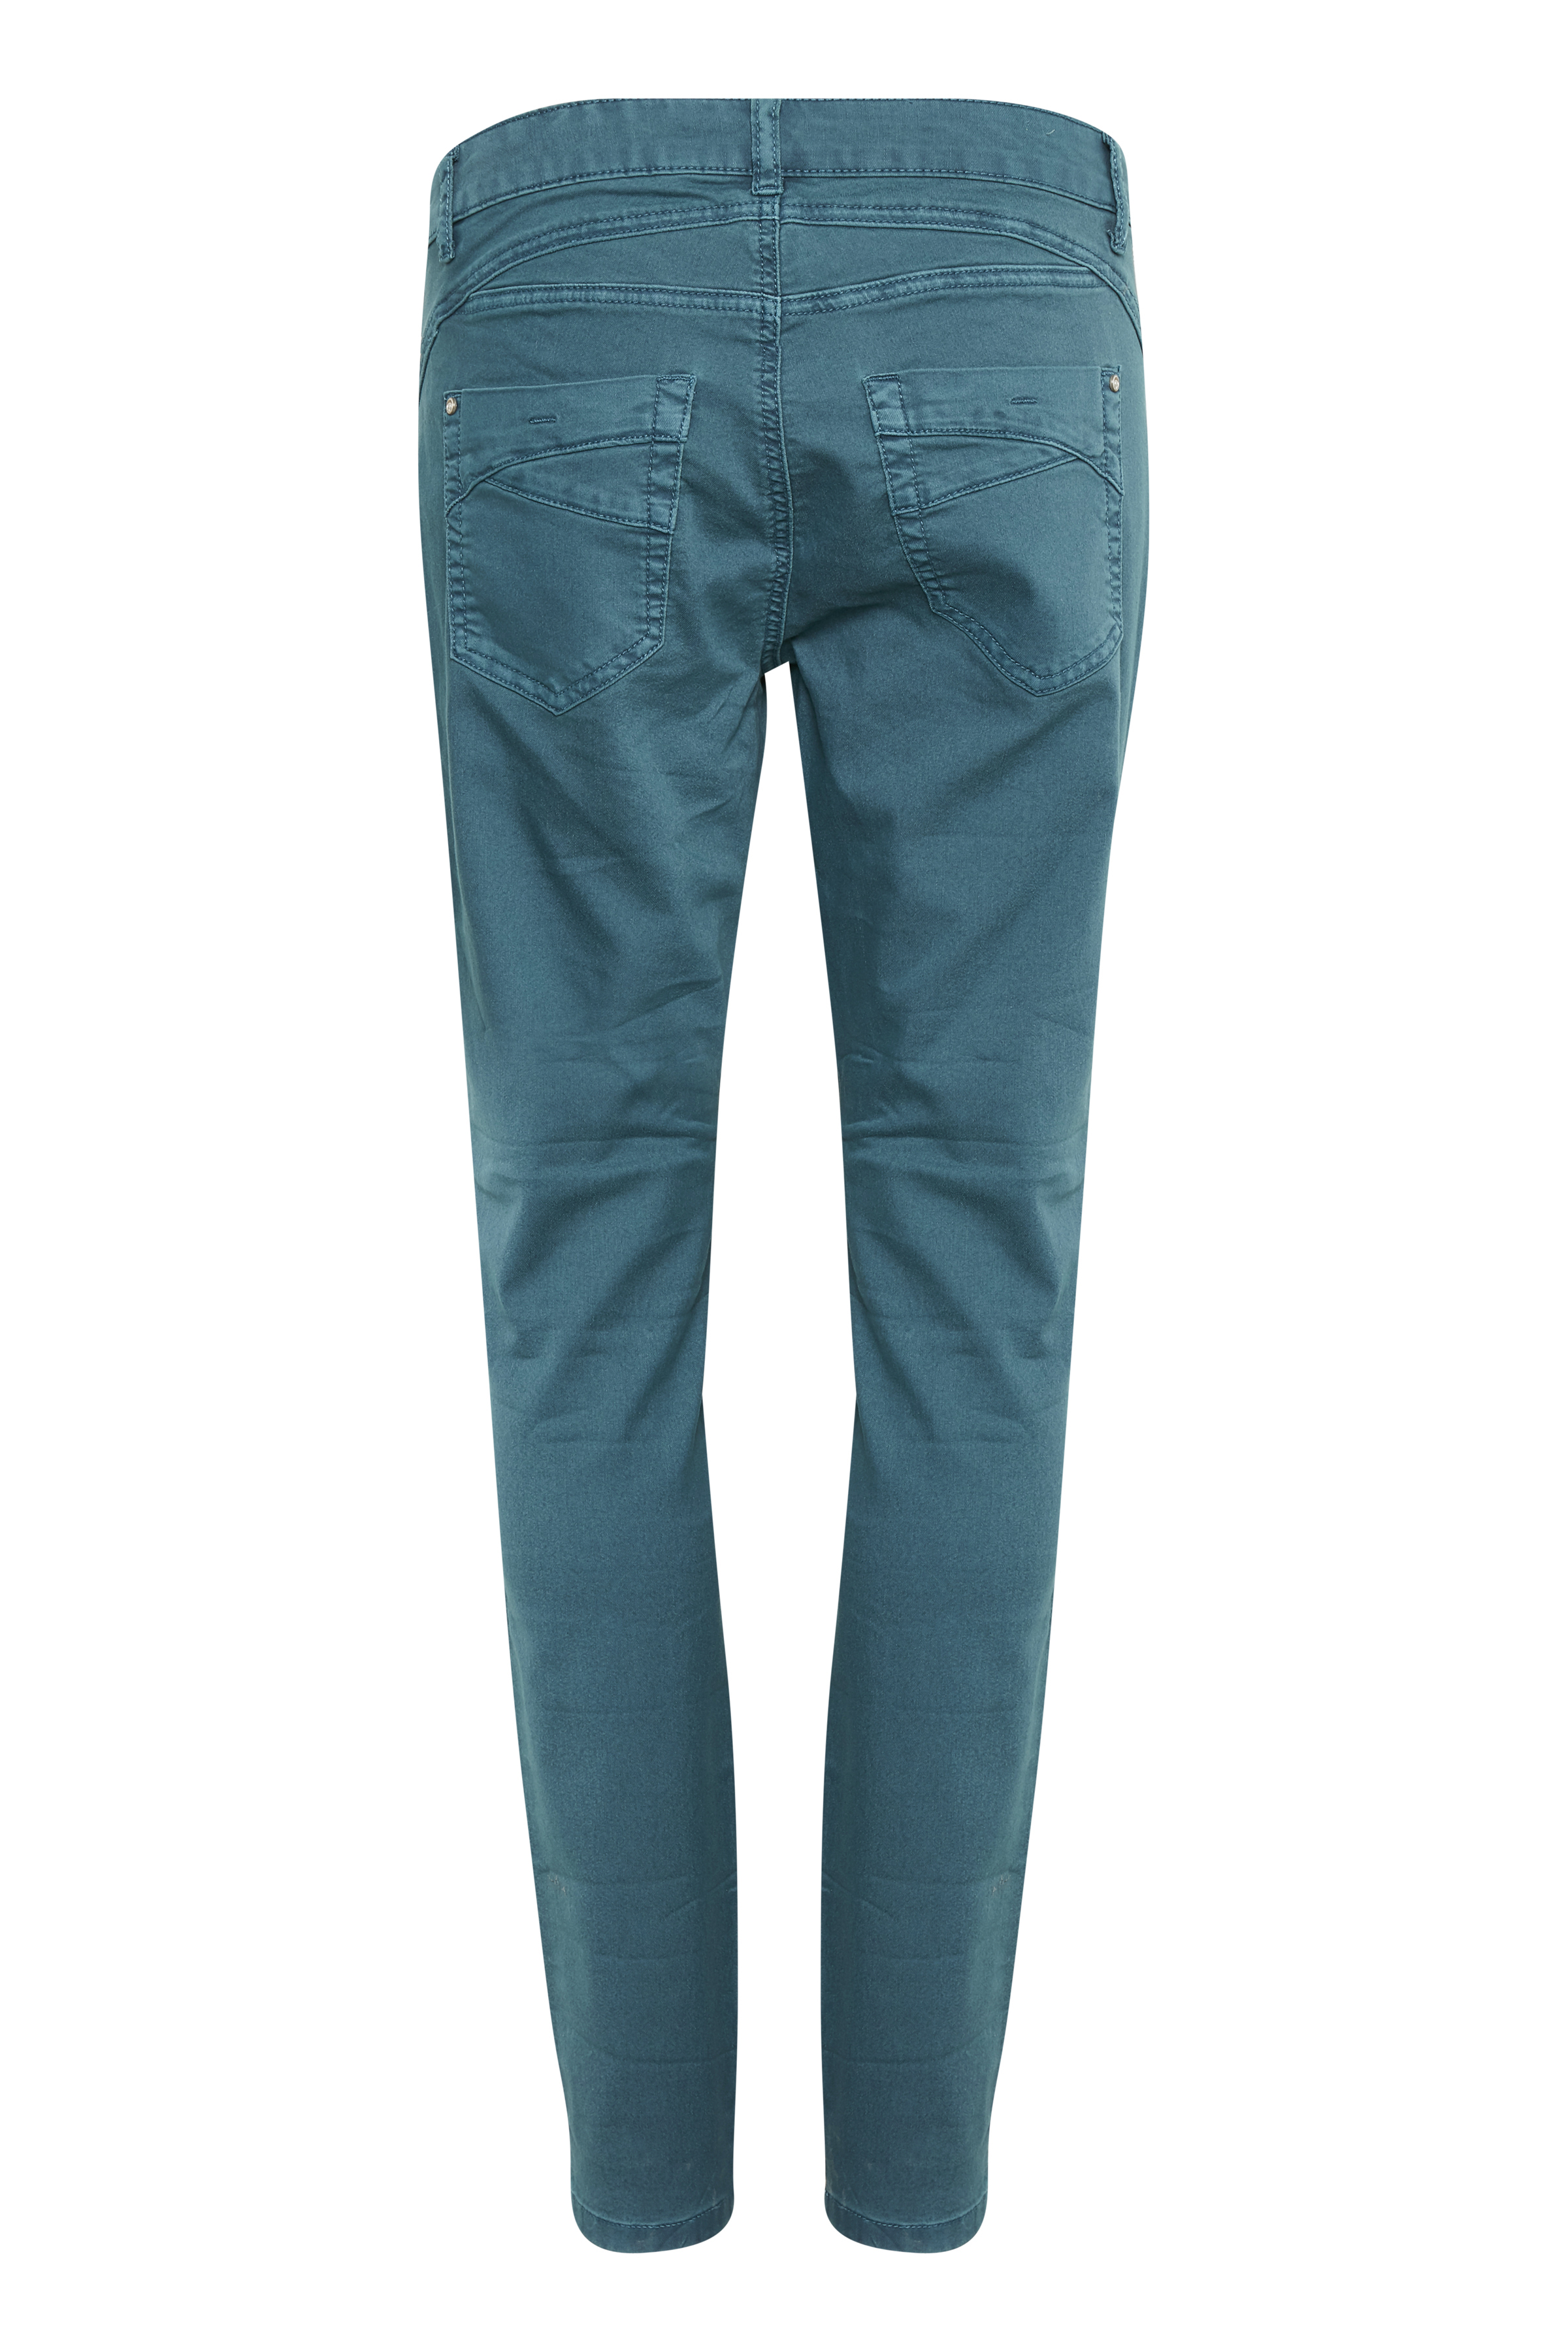 Støvet blå Jeans fra Cream – Køb Støvet blå Jeans fra str. 25-34 her